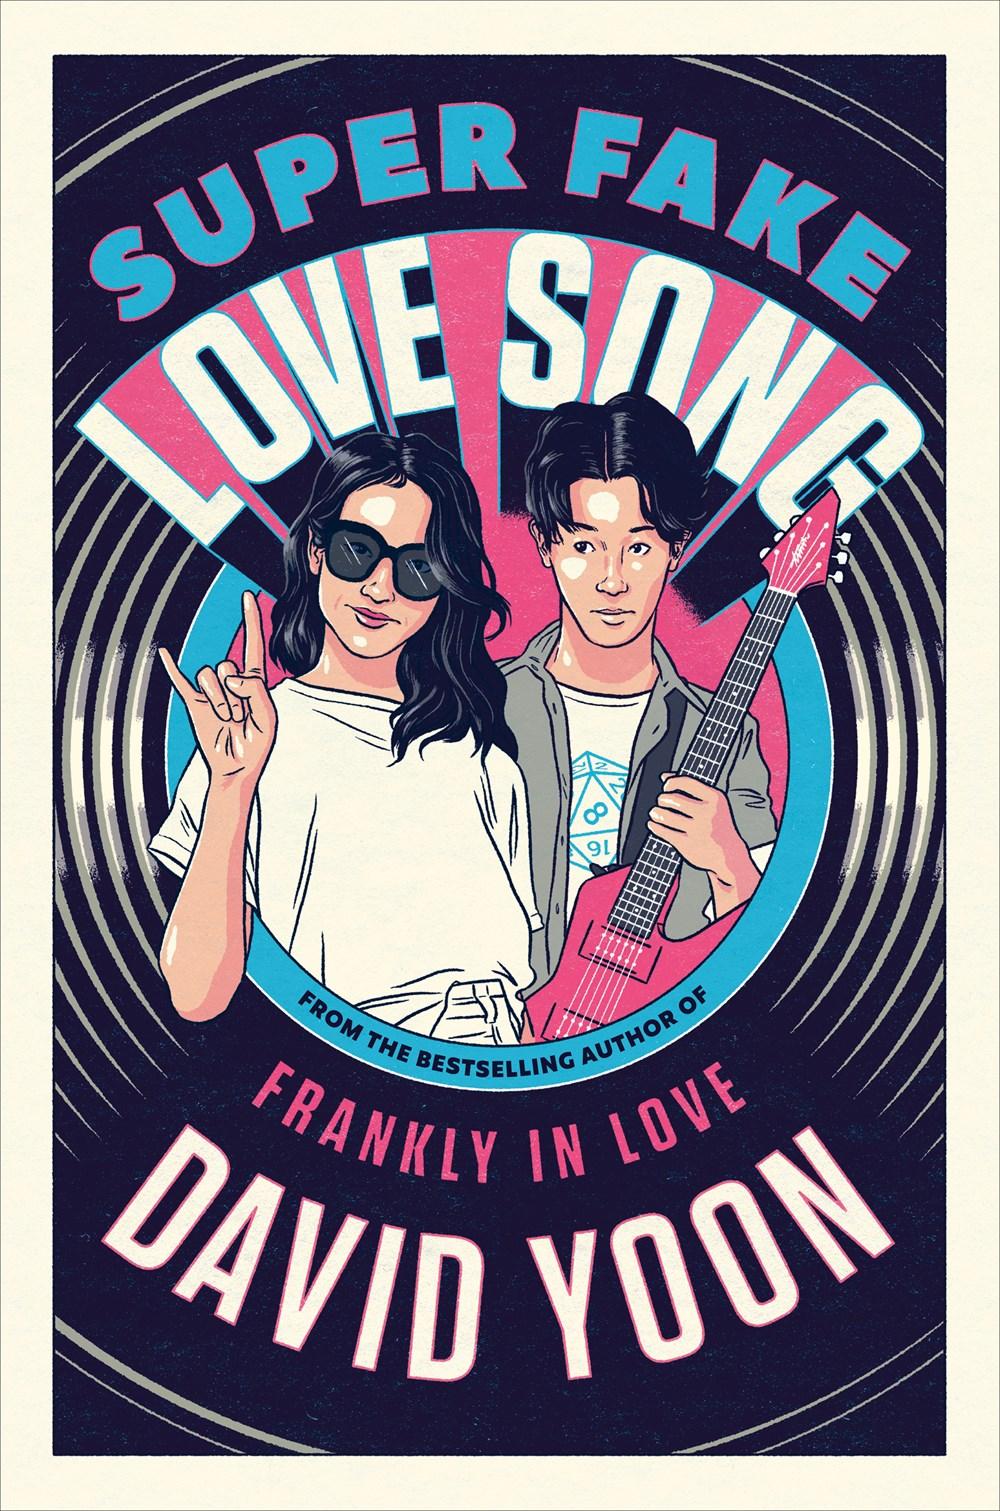 Super Fake Love Song by David Yoon